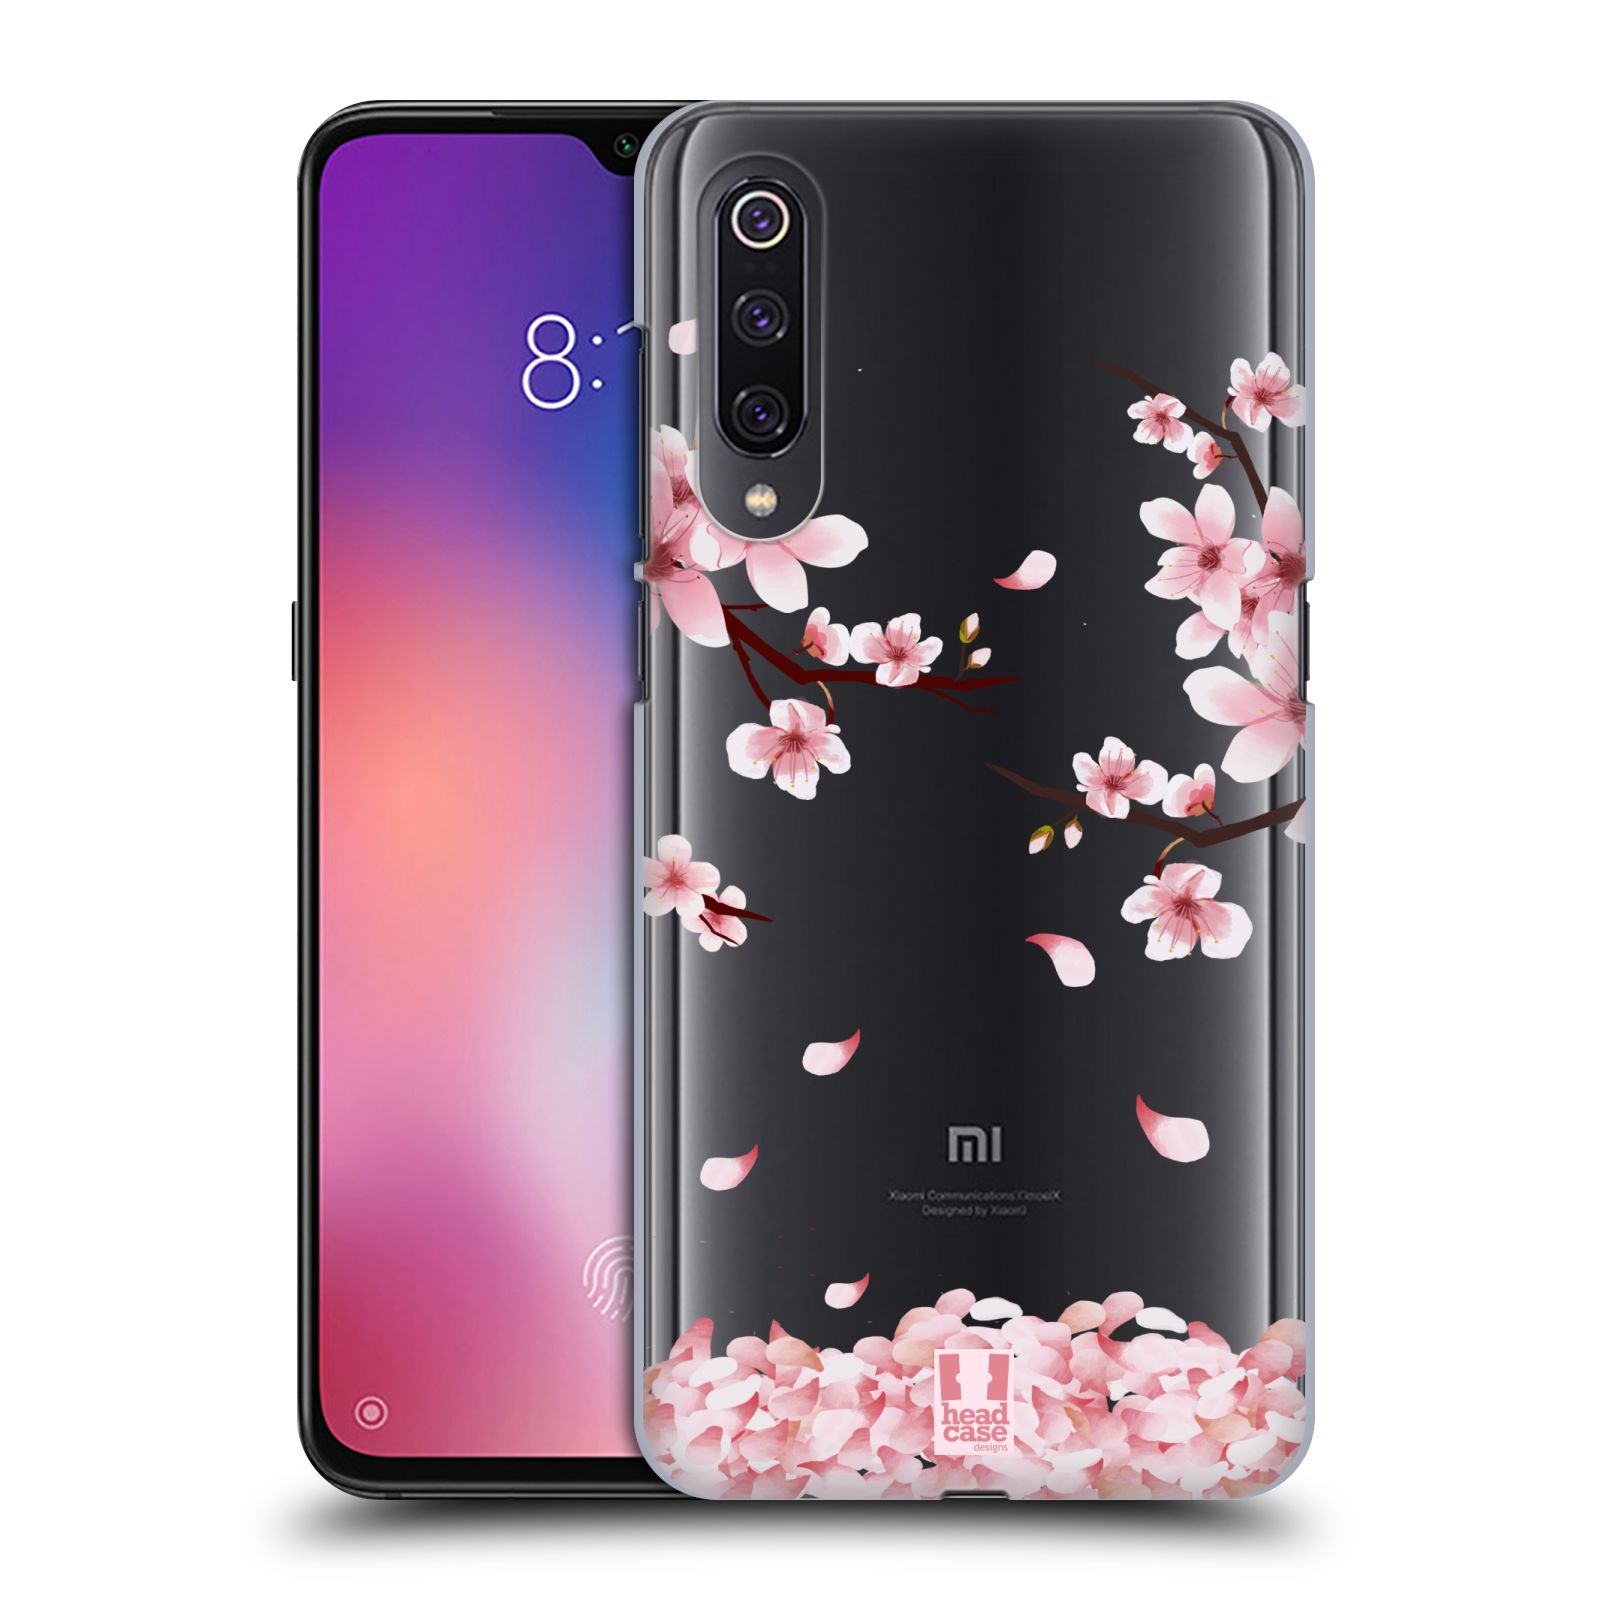 Plastové pouzdro na mobil Xiaomi Mi 9 - Head Case - Květy a větvičky